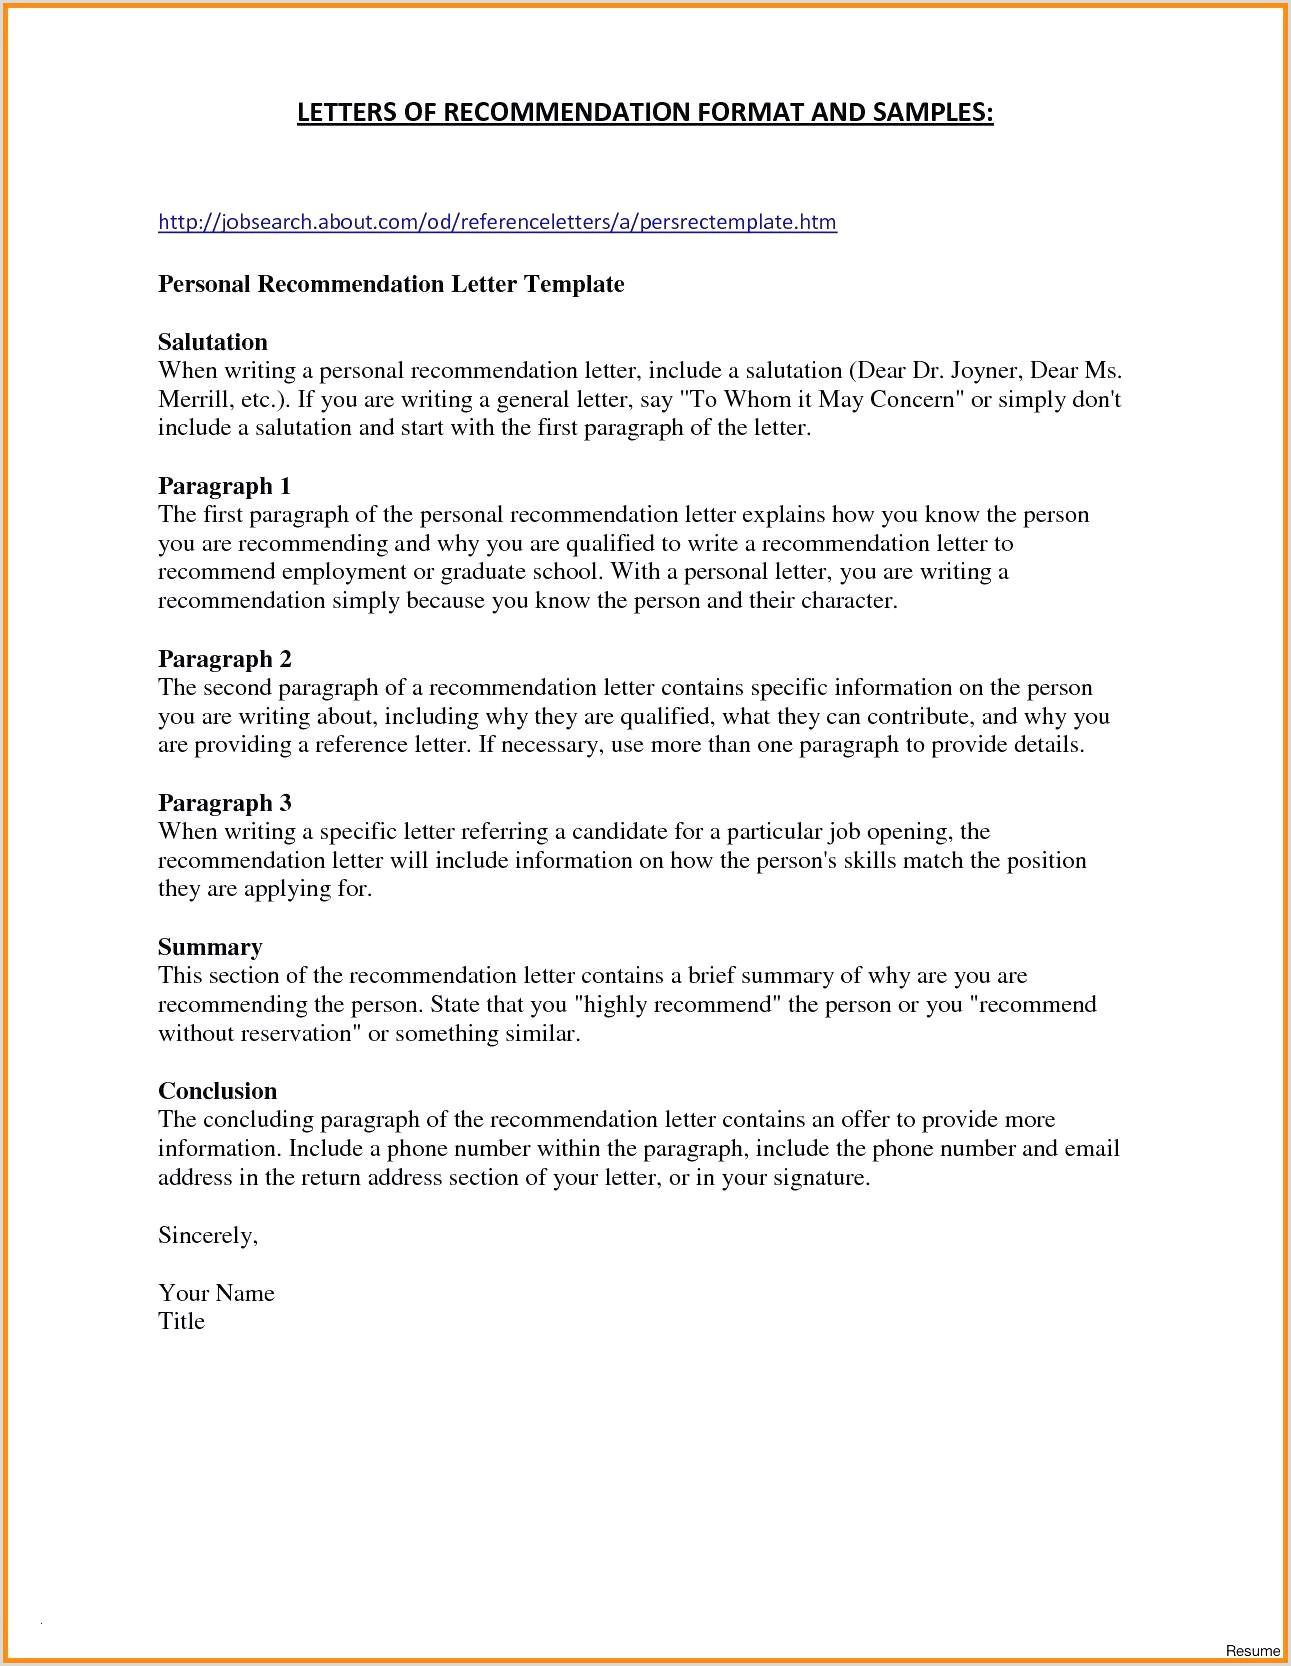 Stellenbeschreibung Personalleiter Muster Kostenlos Einfach